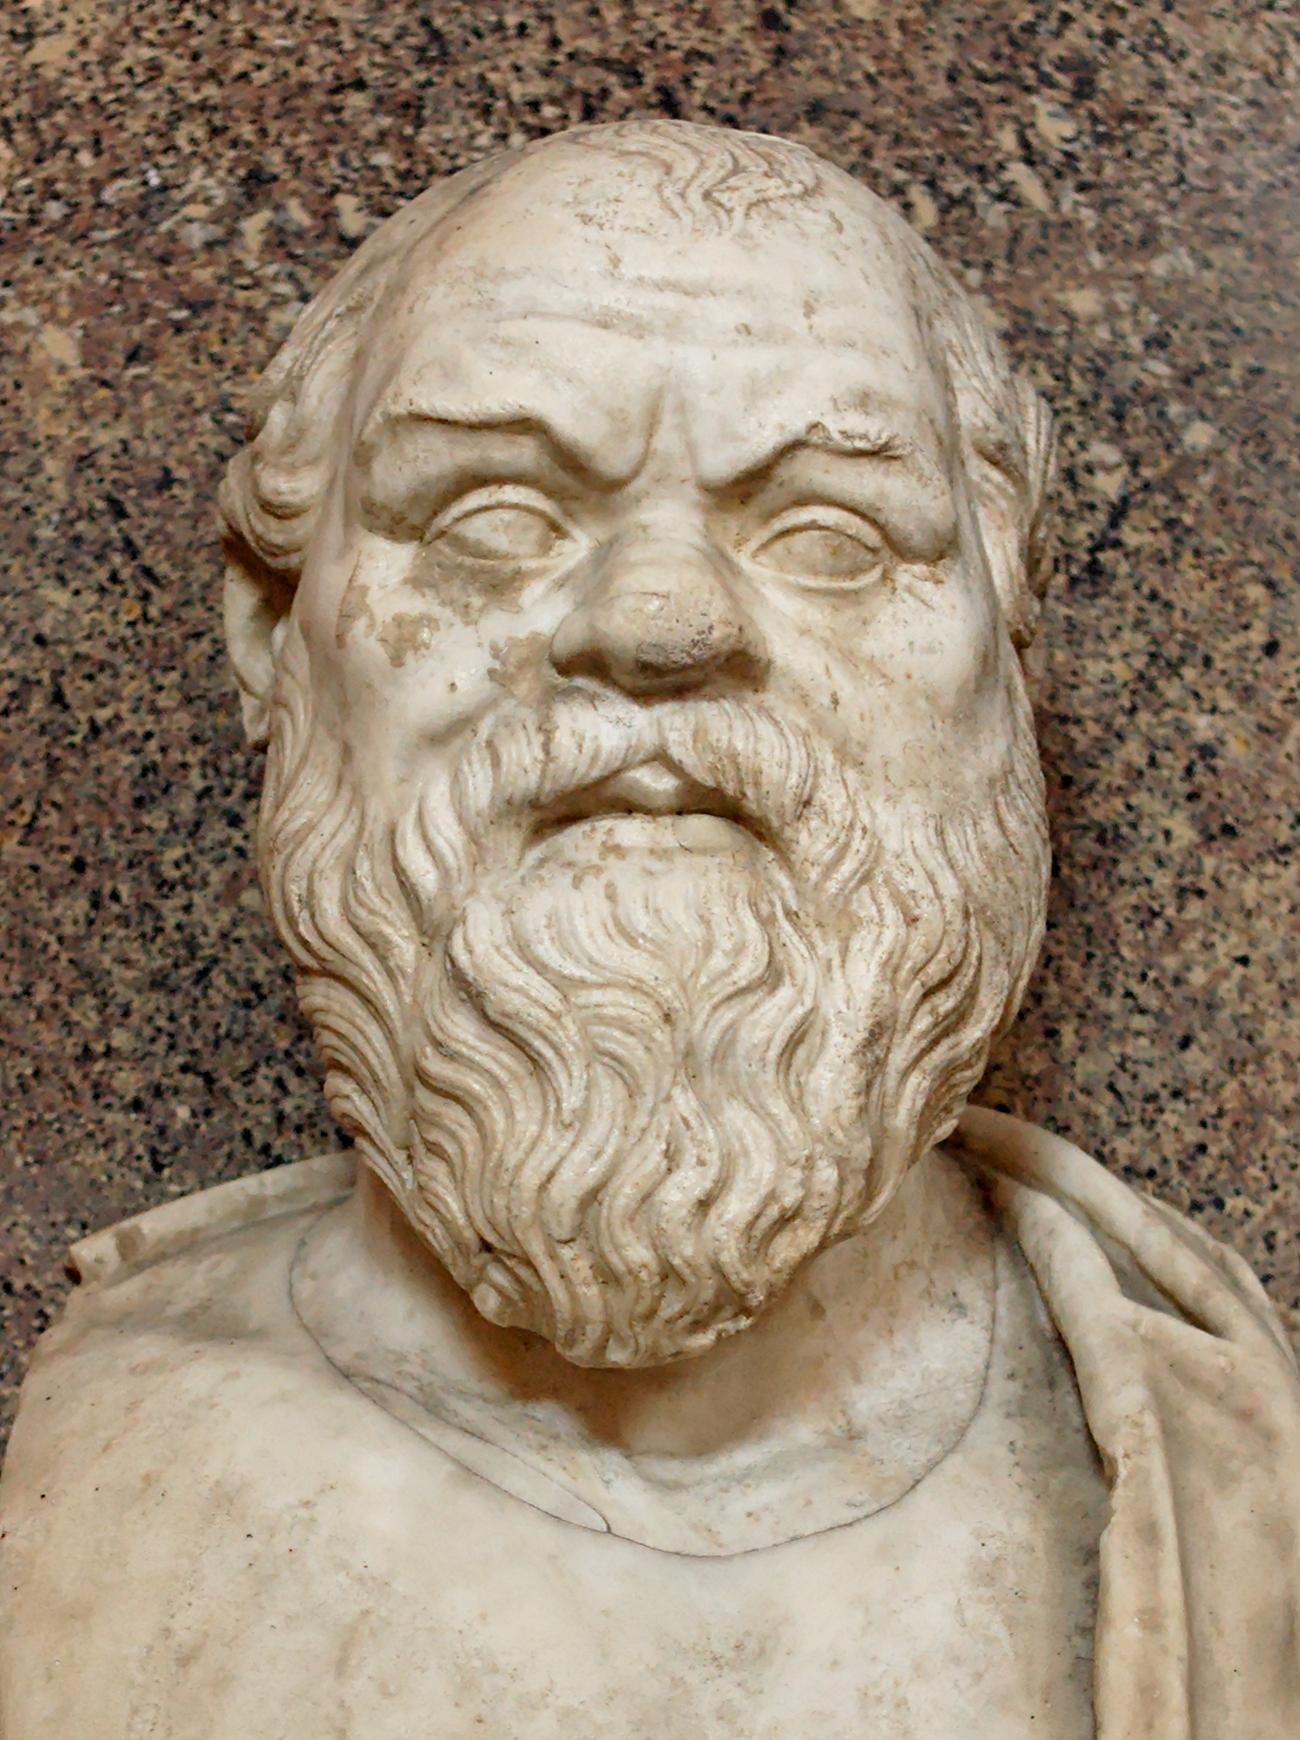 Aforisma sulla vita, Aforisma del Giorno, Aforisma Socrate, l'Aforisma del giorno